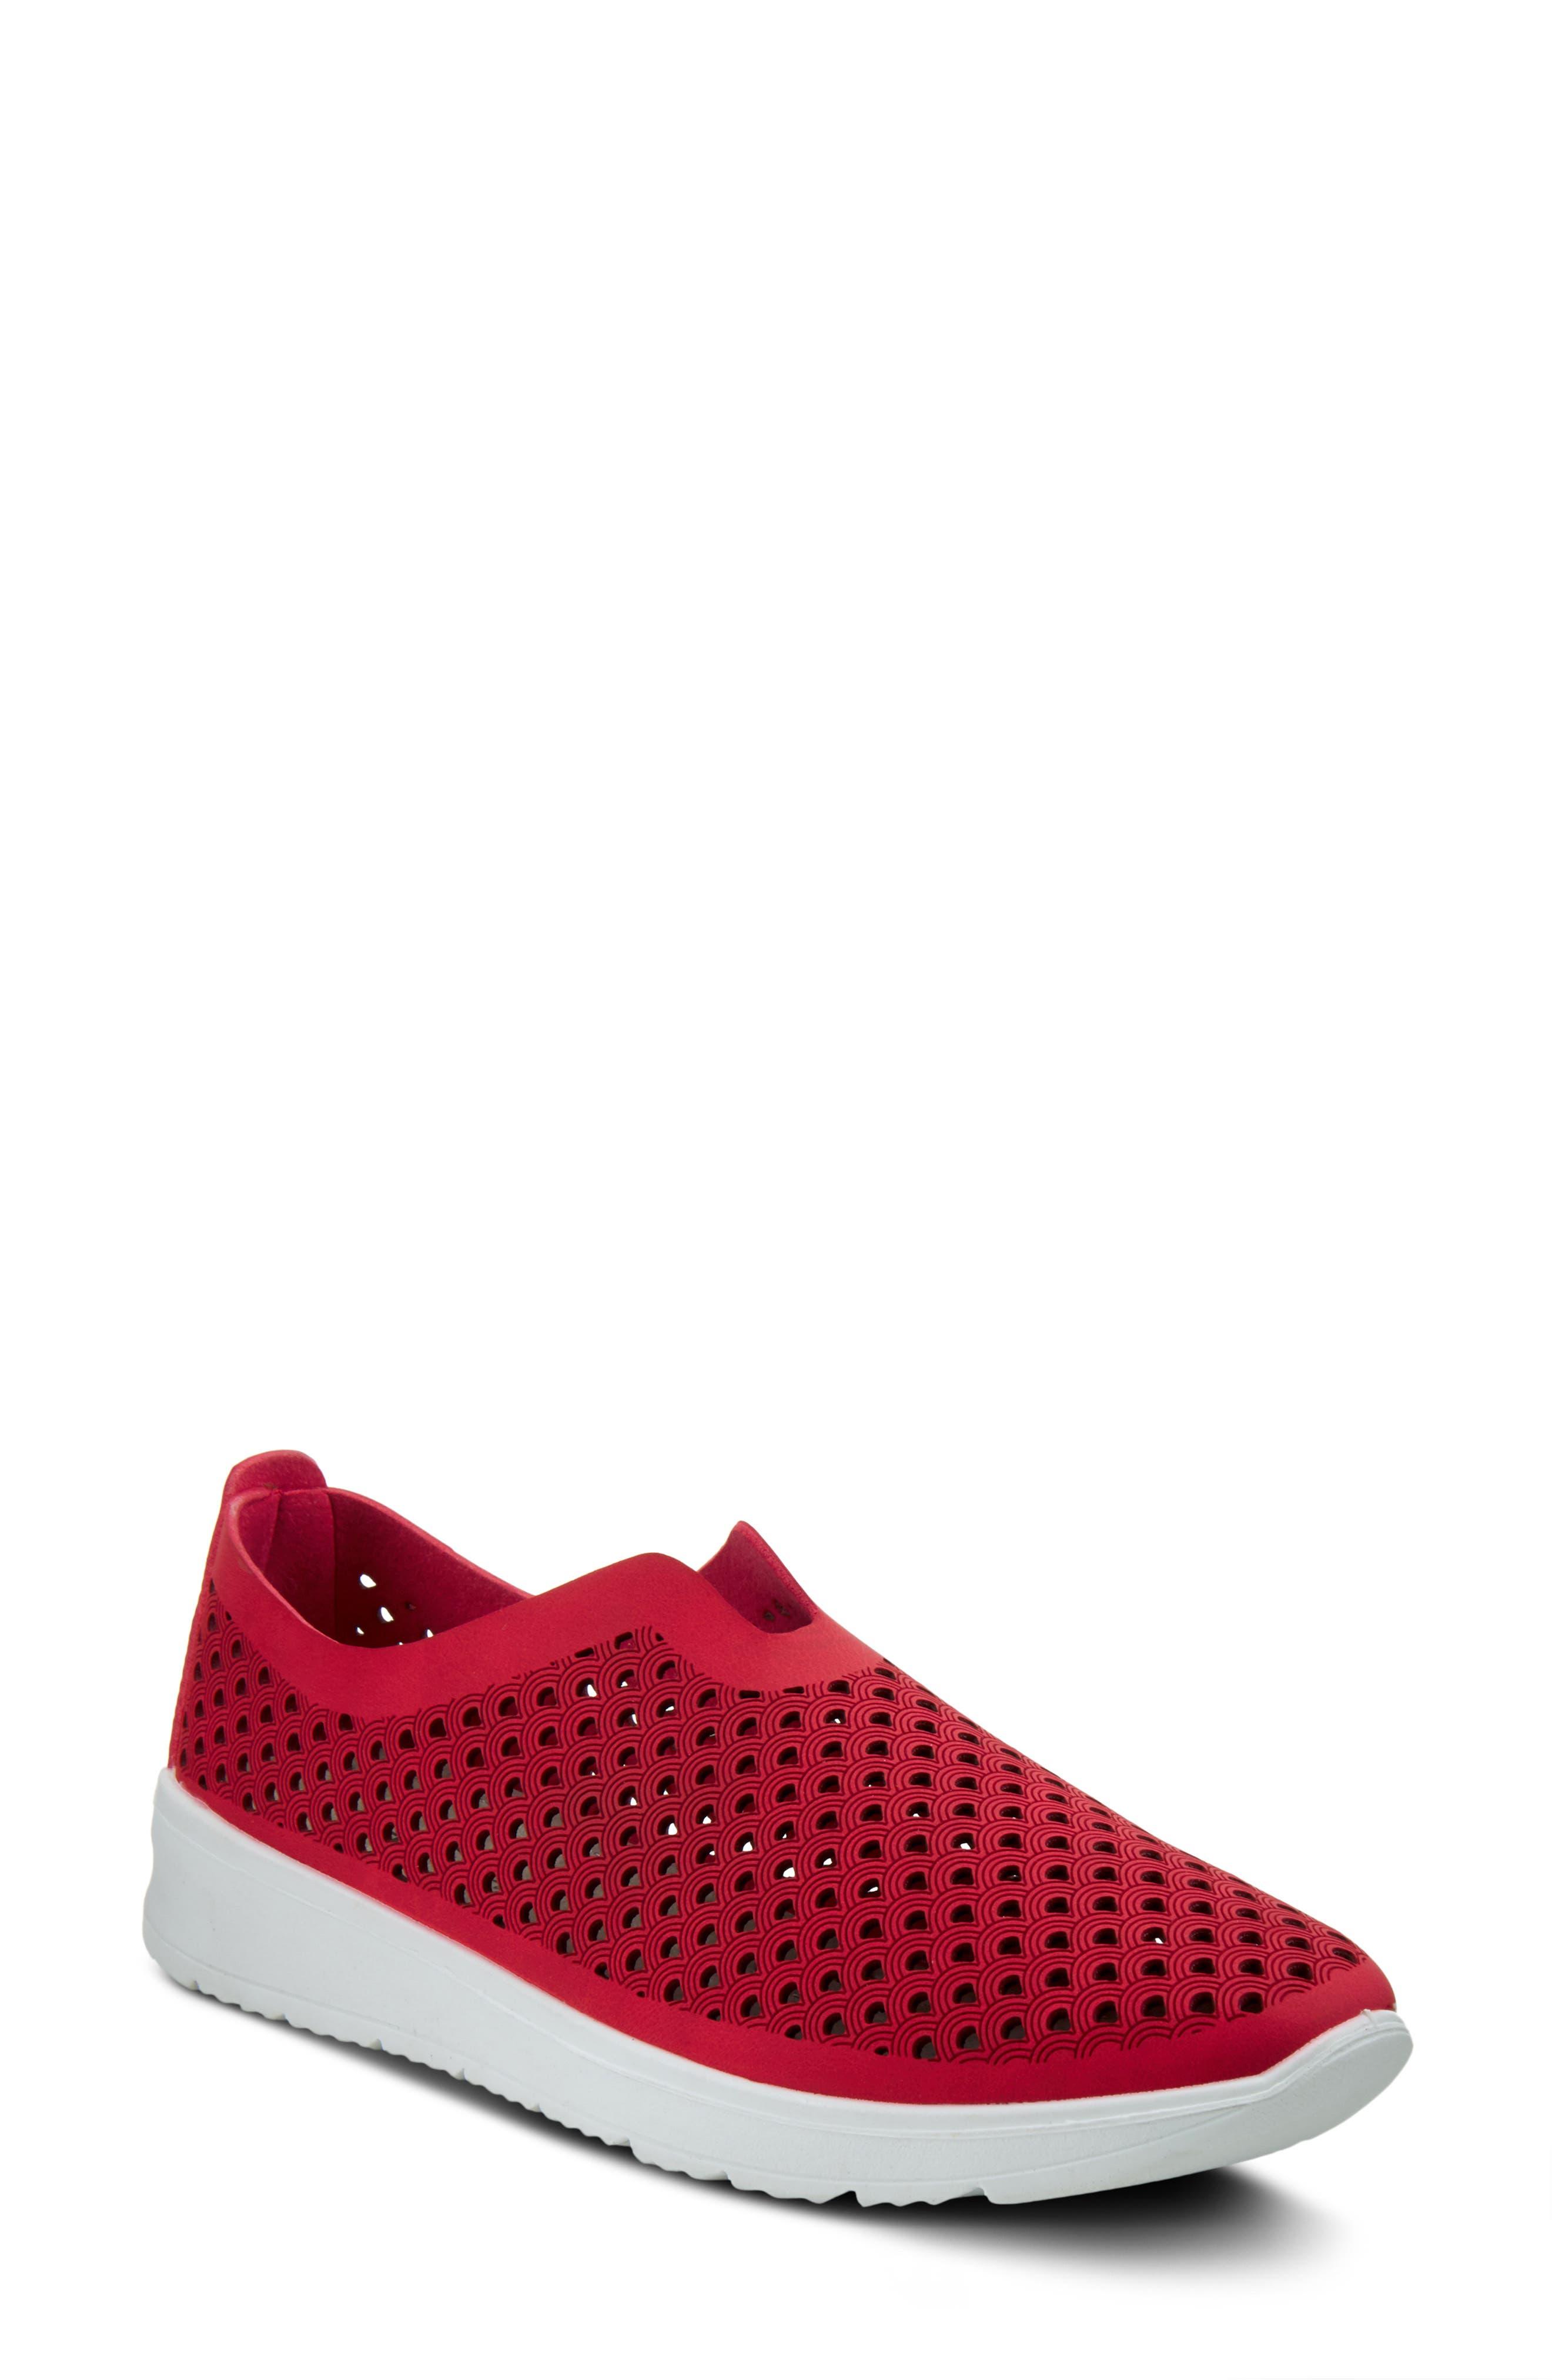 Centrics Slip-On Sneaker